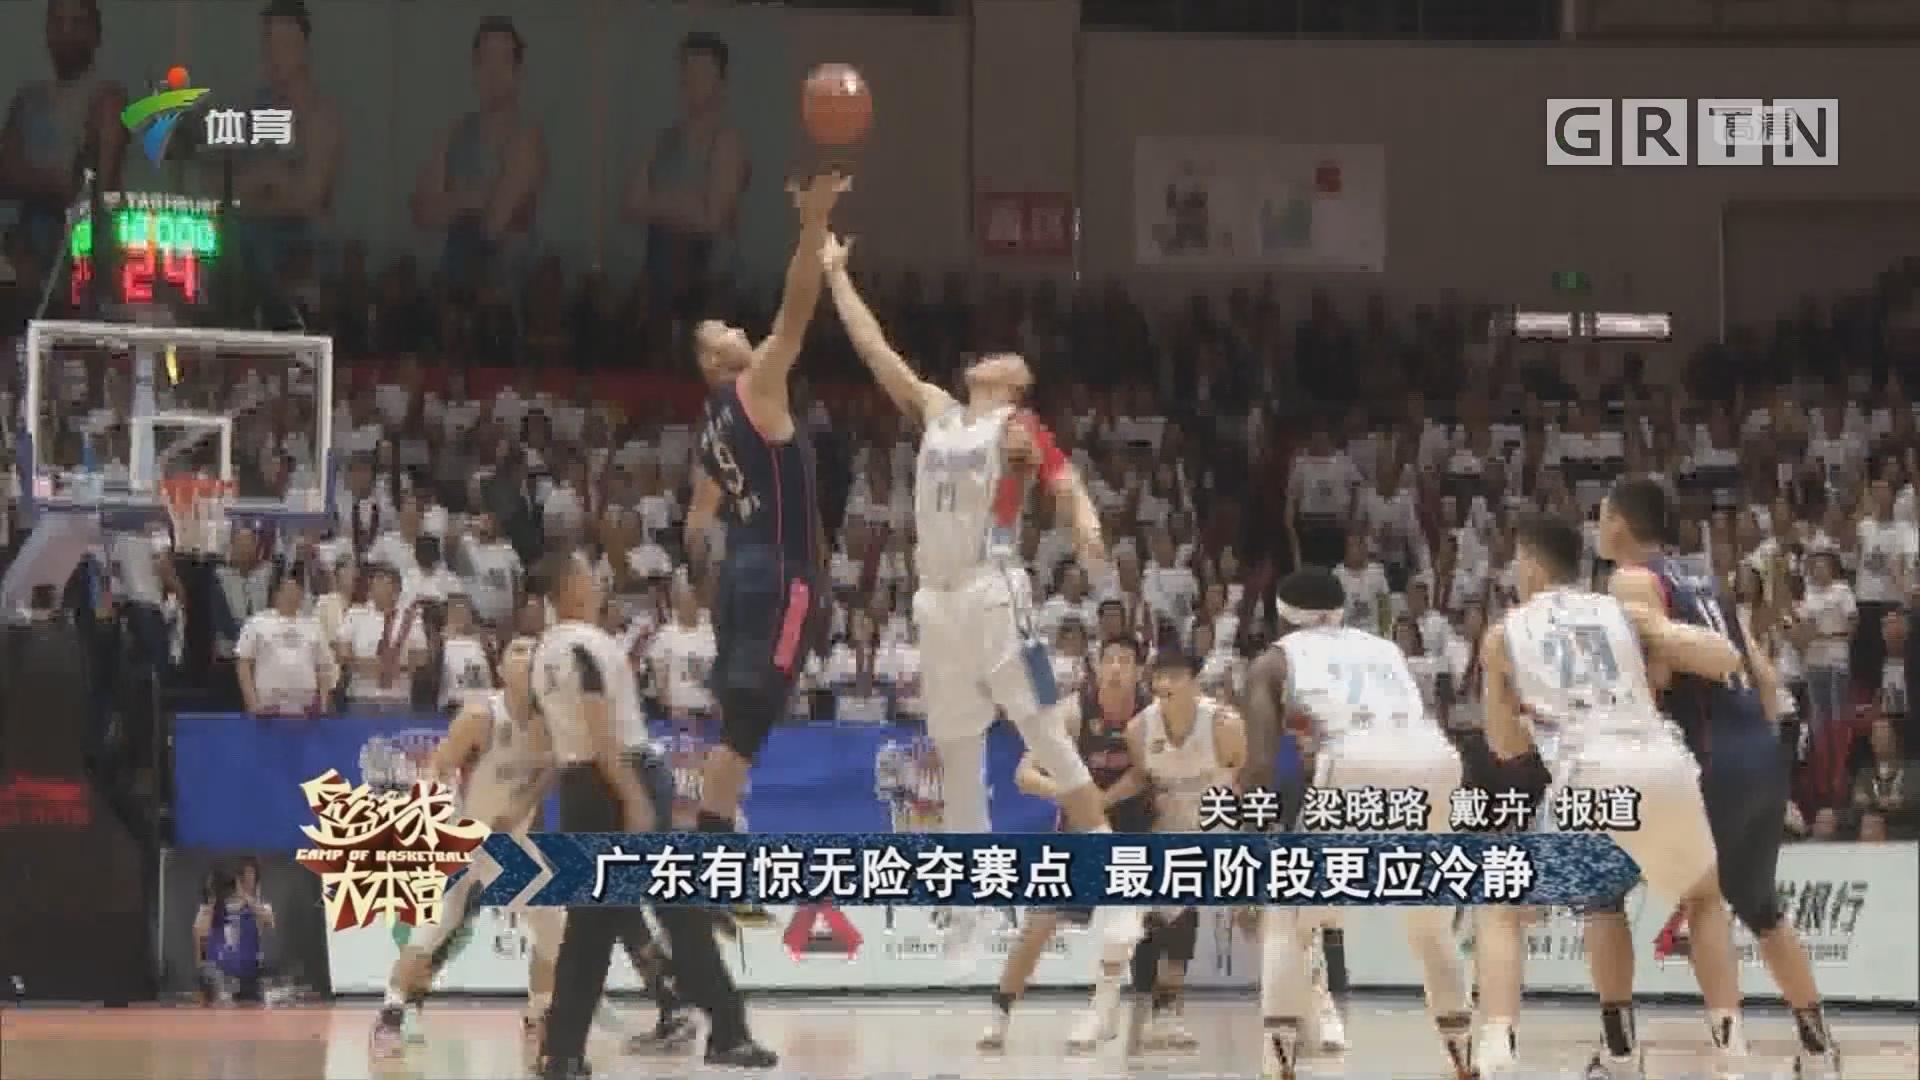 广东有惊无险夺赛点 最后阶段更应冷静